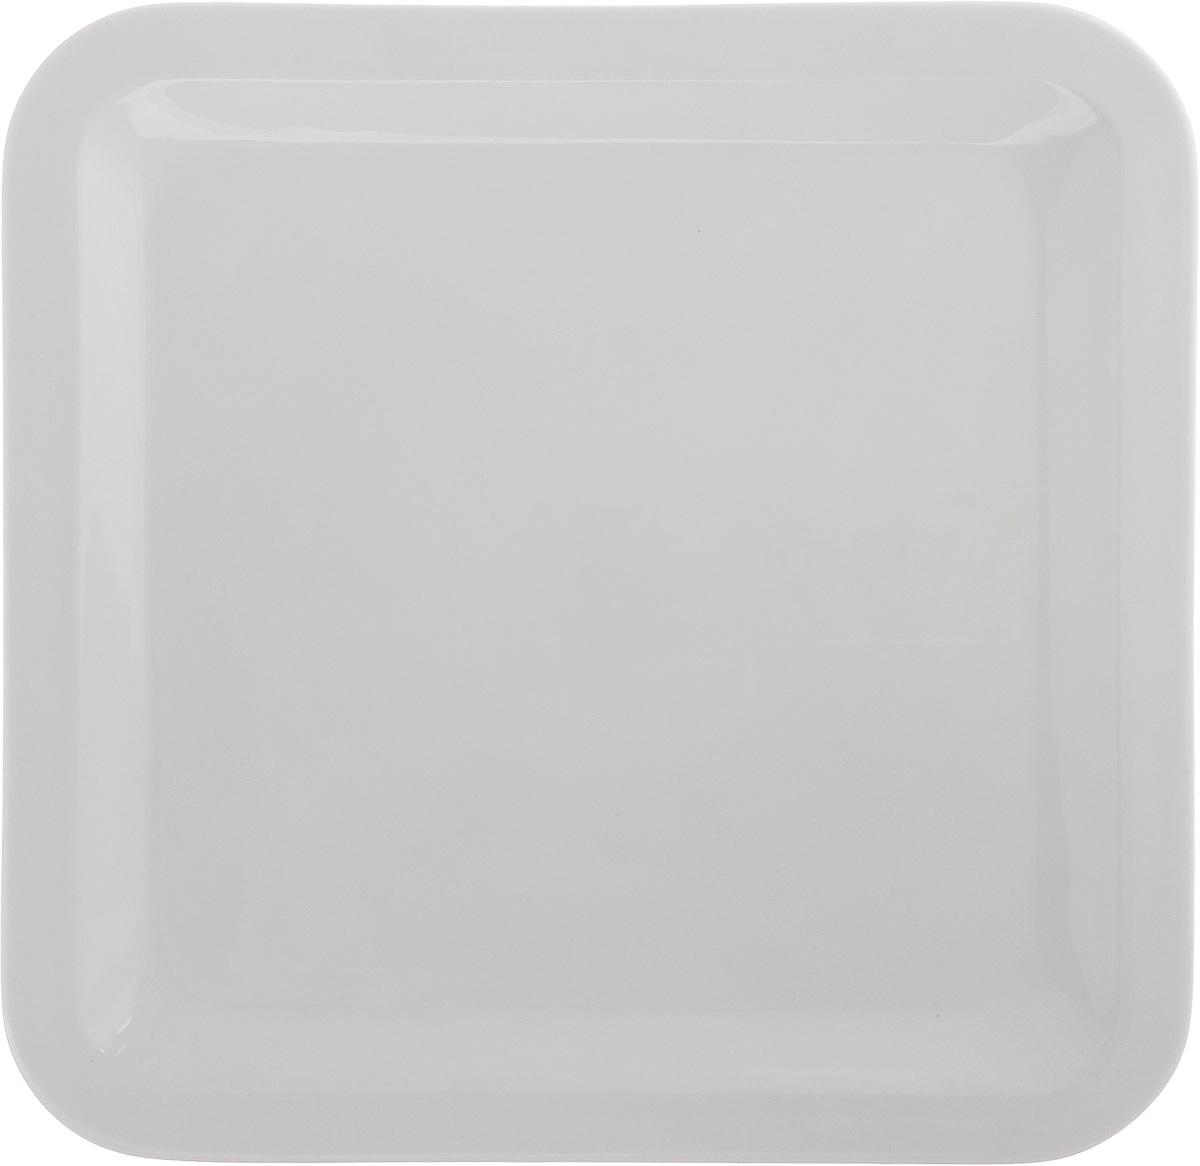 Тарелка Tescoma Gustito, 27 х 27 см386344Неглубокая тарелка Tescoma Gustito, выполненная из высококачественного фарфора, предназначена для подачи десертов, фруктов и многого другого. Изделие прекрасно впишется в интерьер современной кухни, а также изысканно украсит сервировку как обеденного, так и праздничного стола. Пригодна для использования в микроволновой печи. Можно мыть в посудомоечной машине.